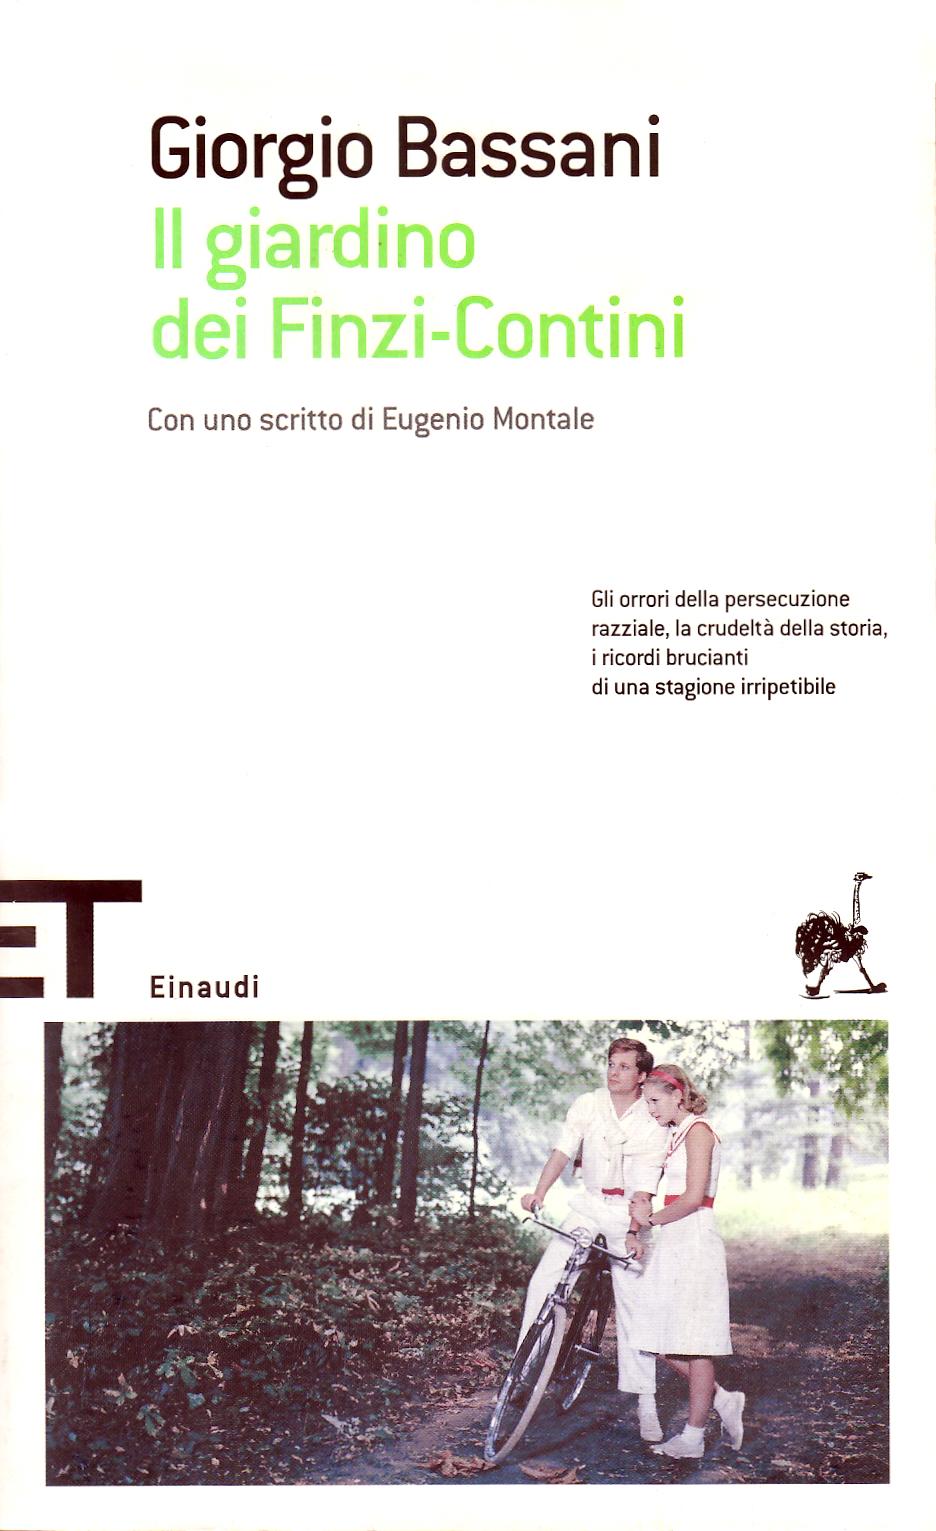 Il giardino dei Finzi-Contini